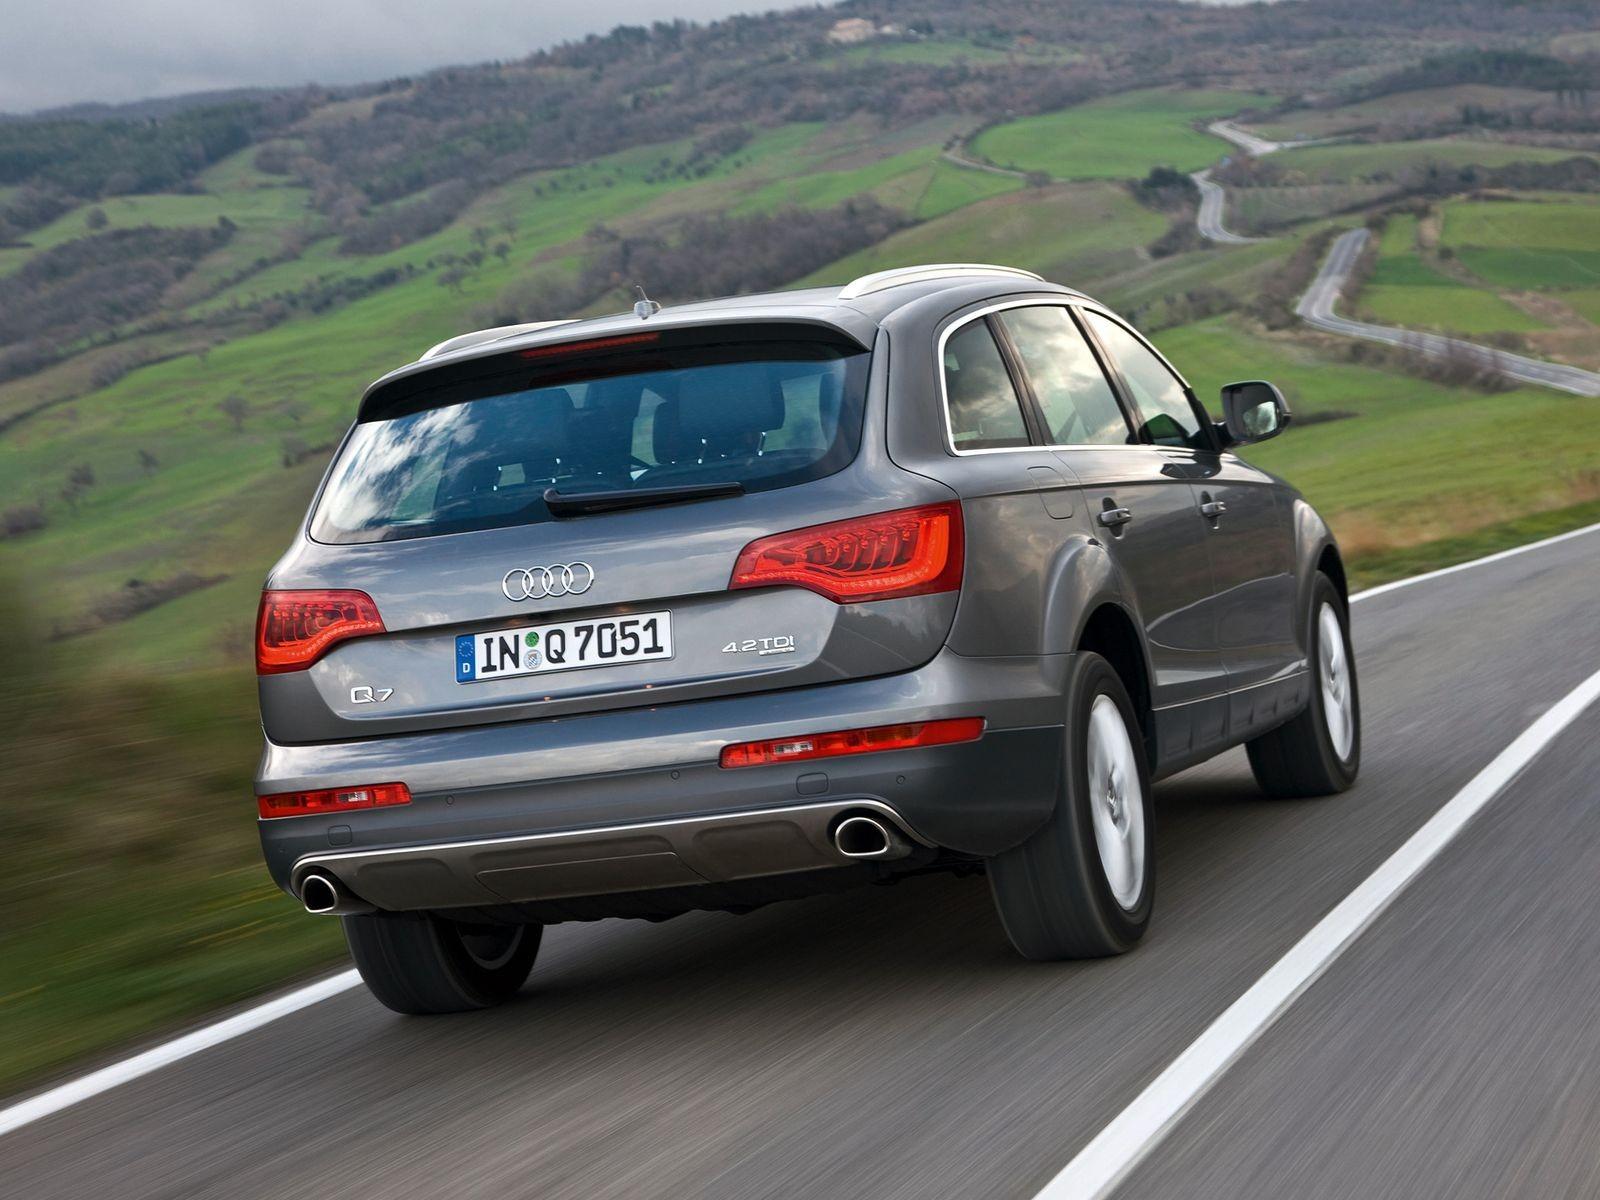 Вдвое дороже, вдвое моложе, но вдвое ли лучше: стоит ли покупать Audi Q7 за 2 миллиона рублей